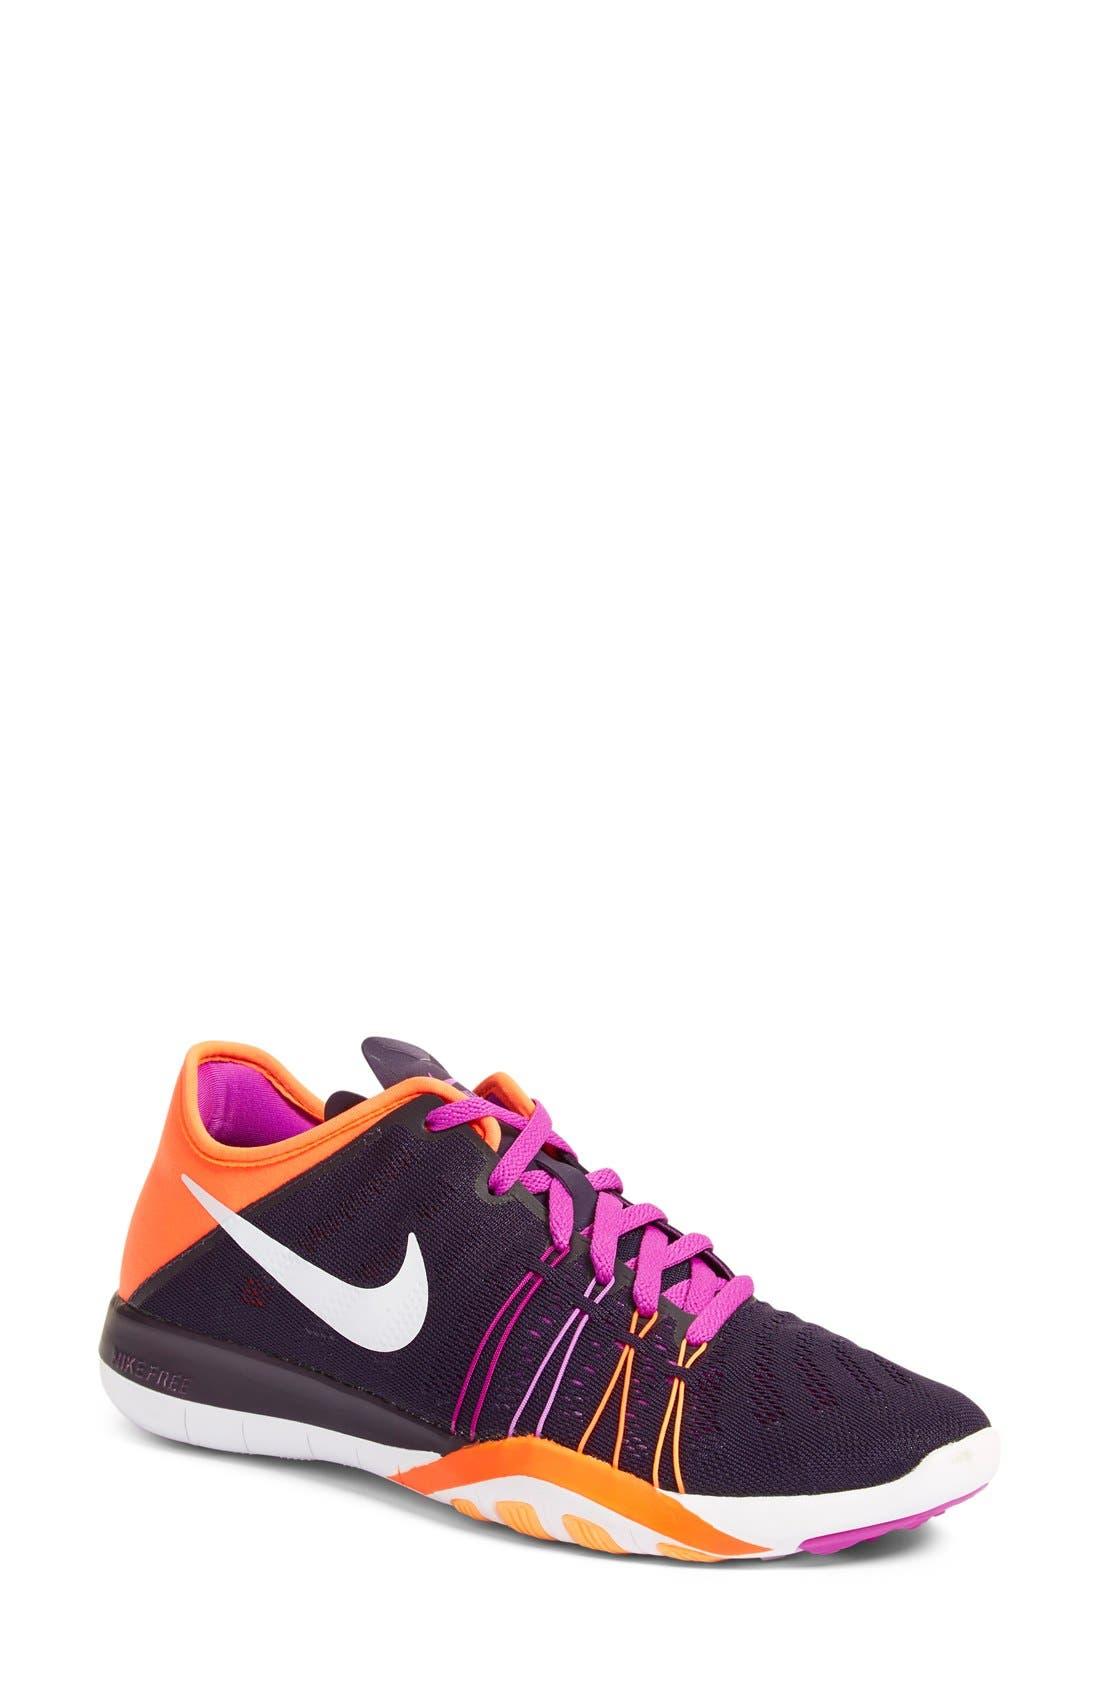 Free TR Fit 6 Training Shoe,                         Main,                         color, Violet/ White/ Crimson